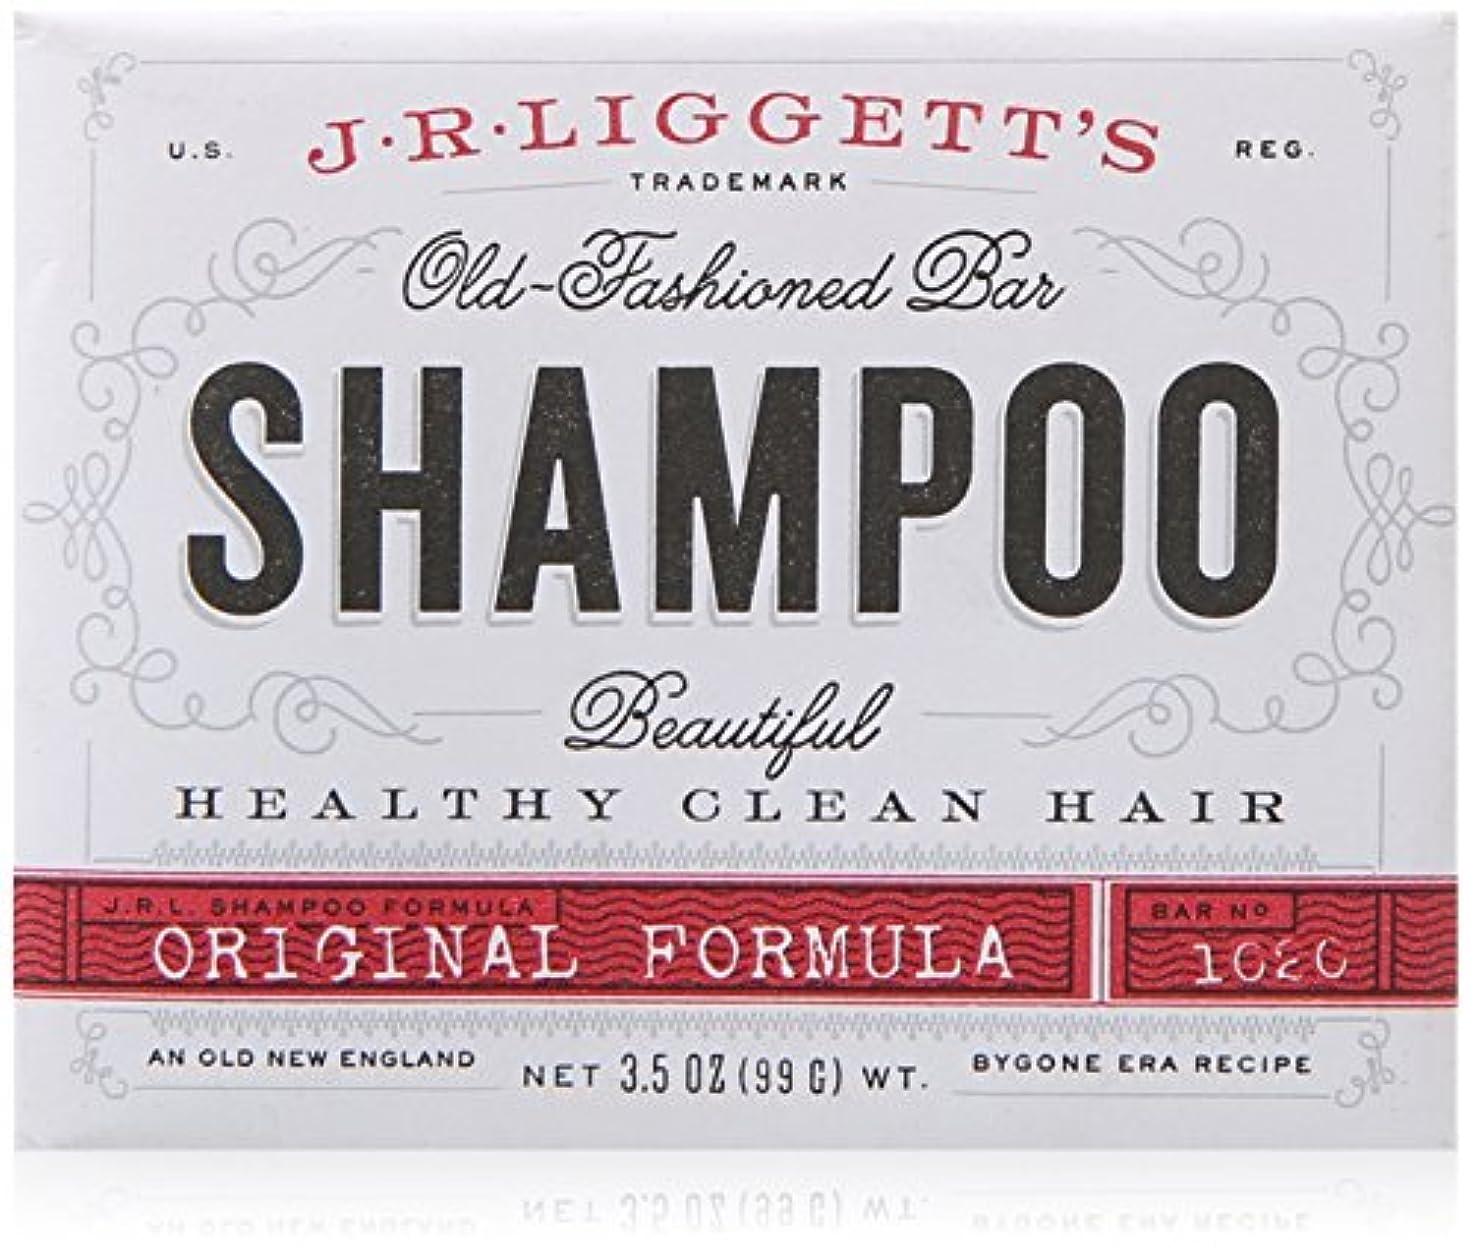 買い手思われる気まぐれなOld-Fashioned Bar Shampoo, 3.5 oz (99 g)